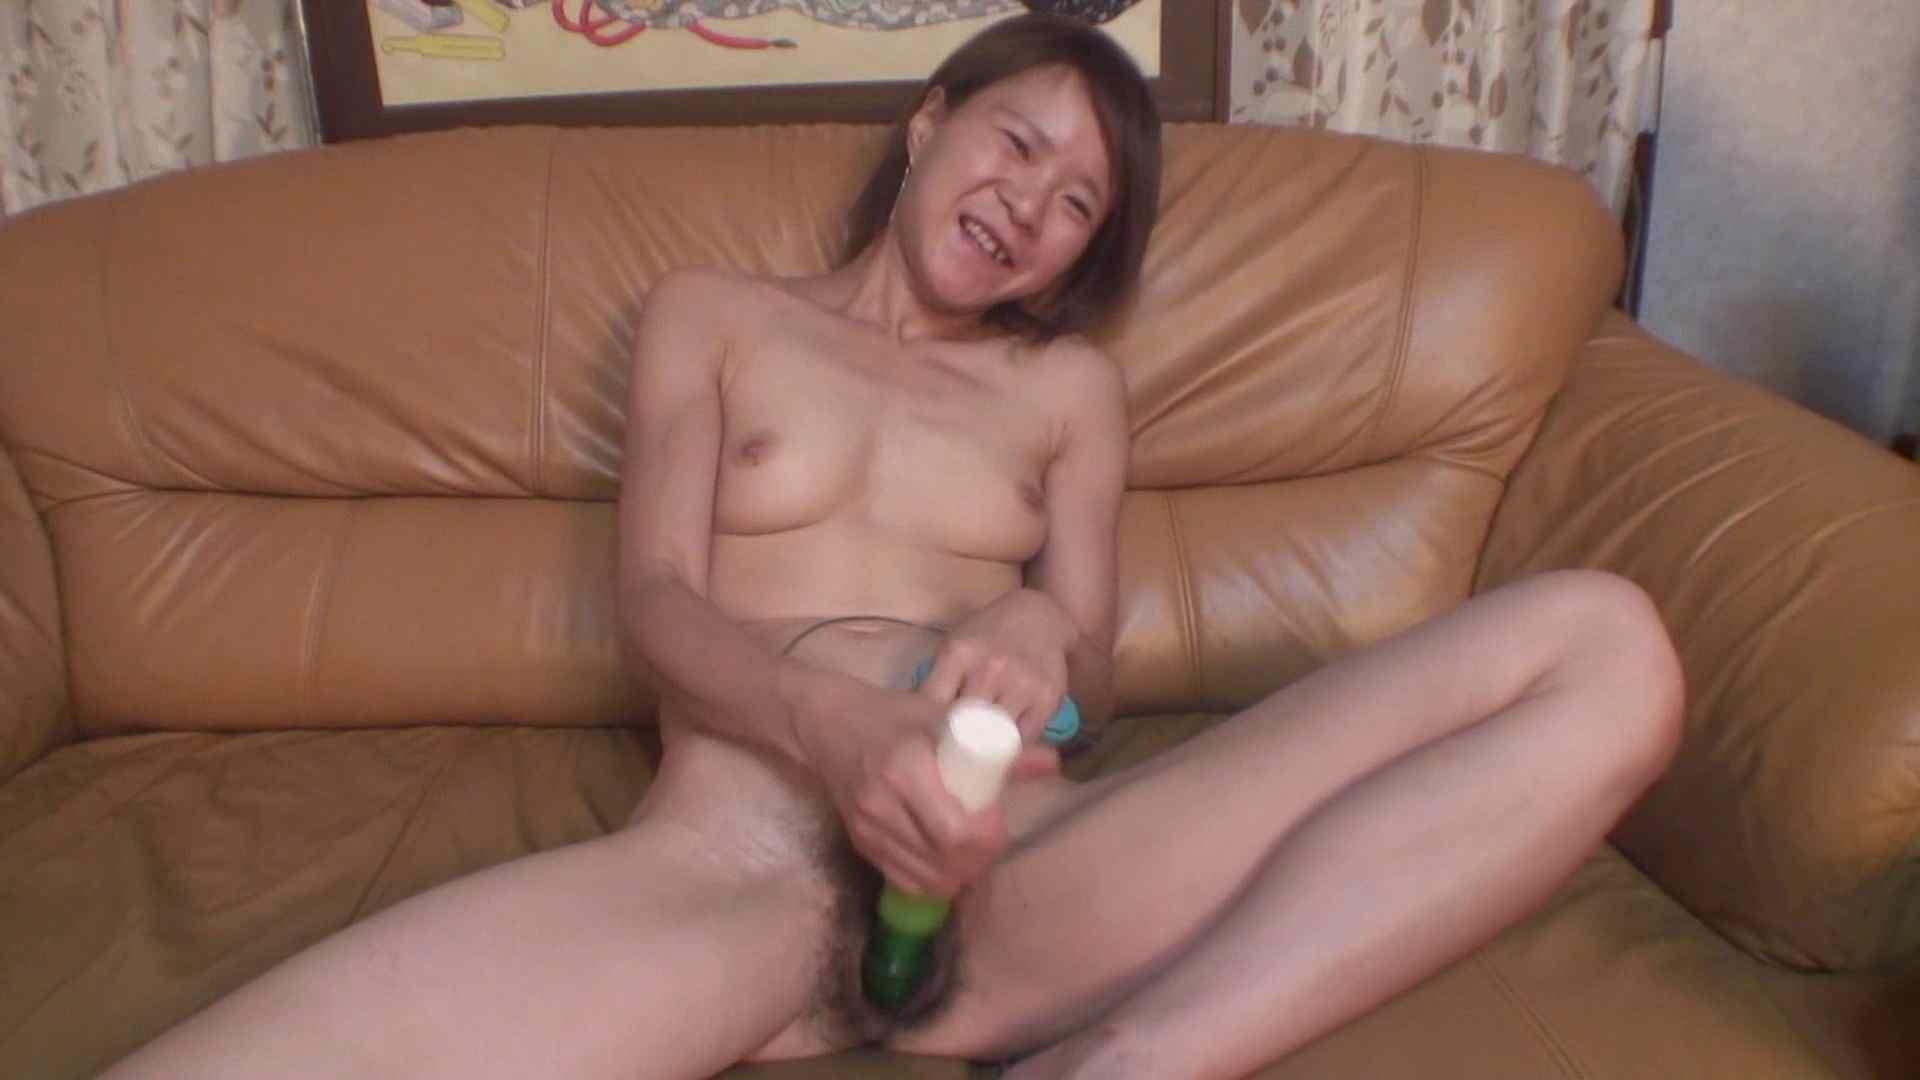 鬼才沖本監督作品 フェラしか出来ない女 フェラ・シーン セックス画像 86枚 60